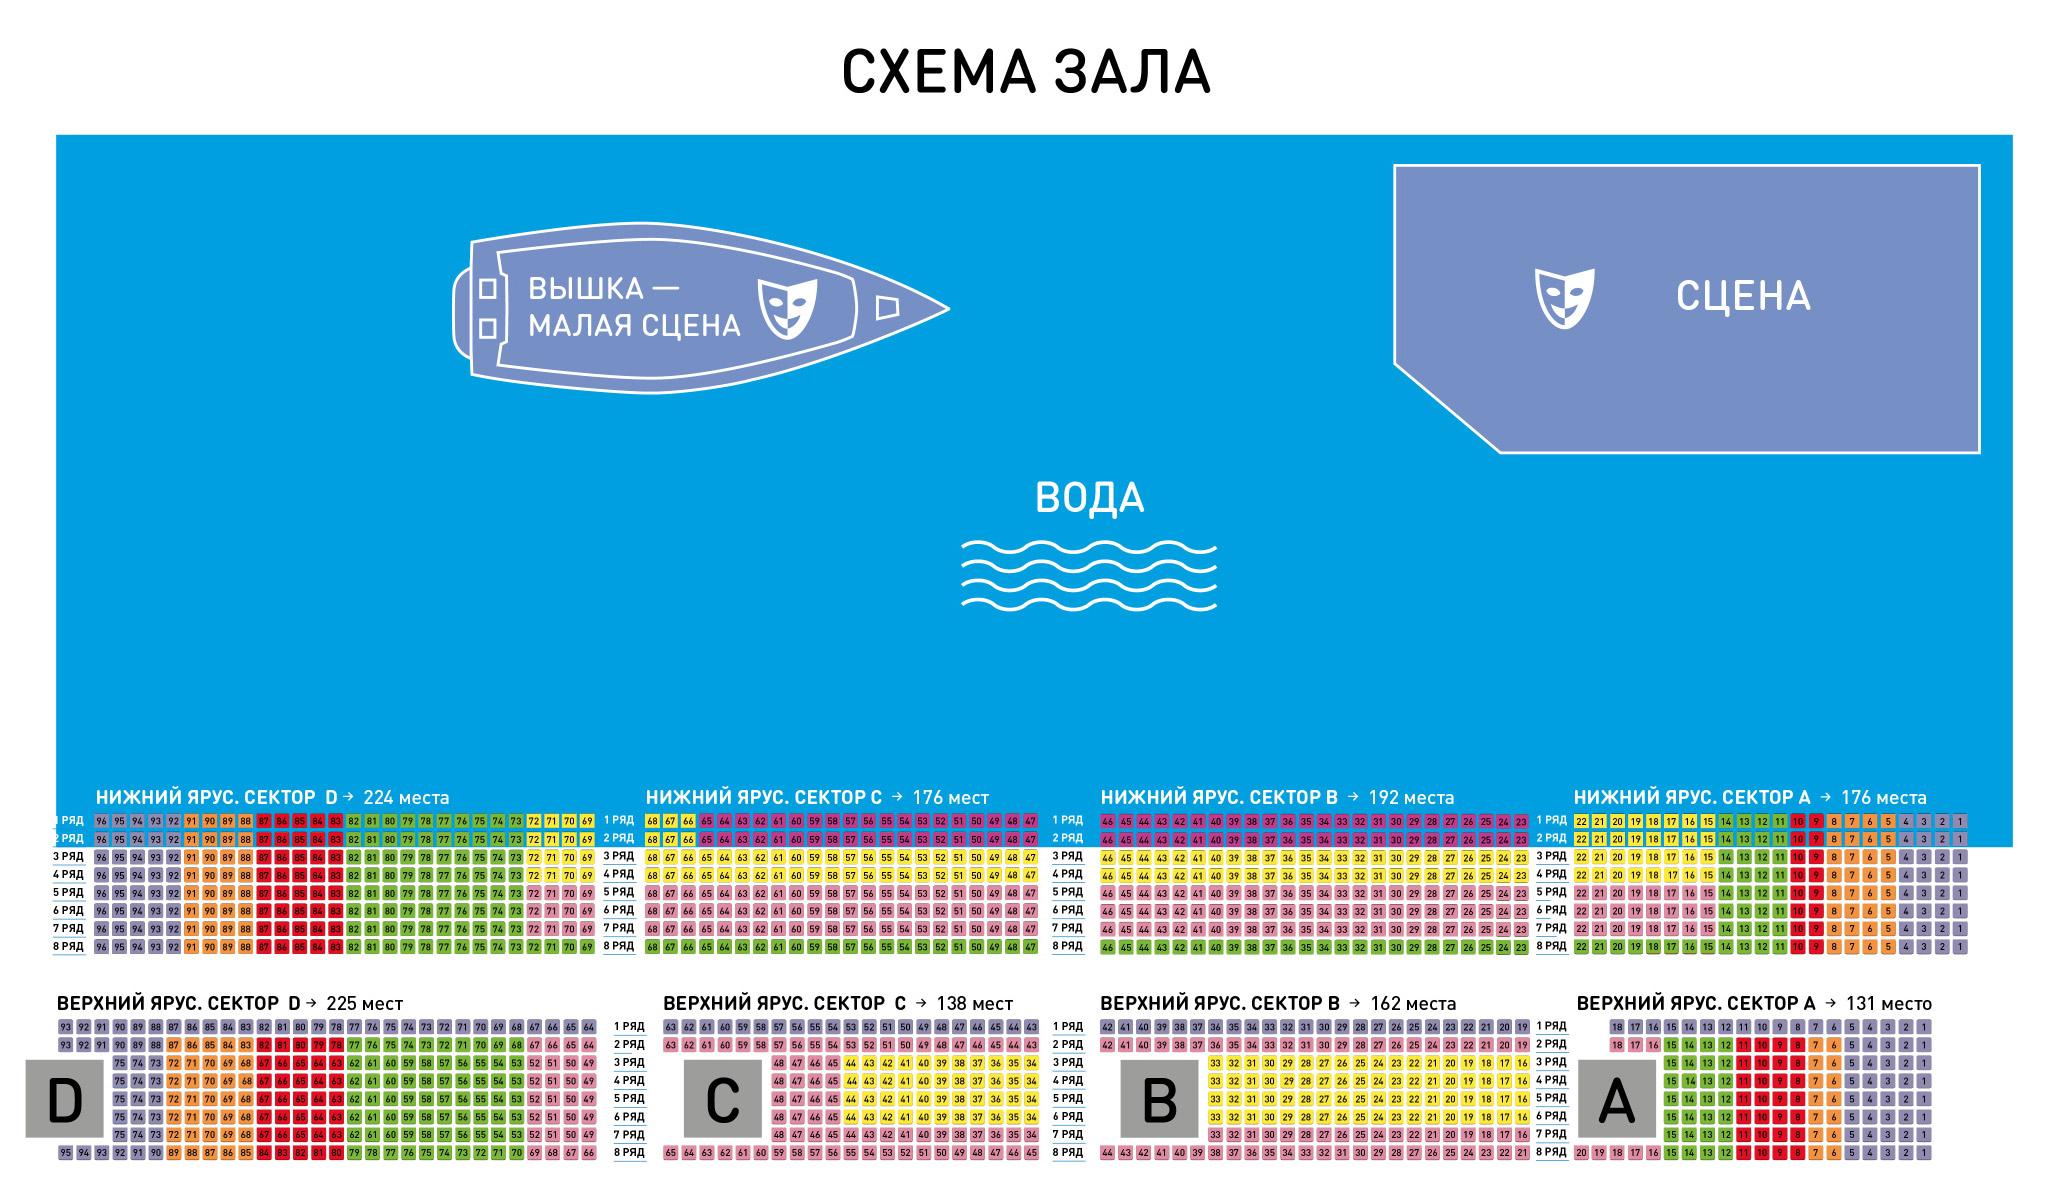 Схема бассейна ДС Динамо на Водном стадионе